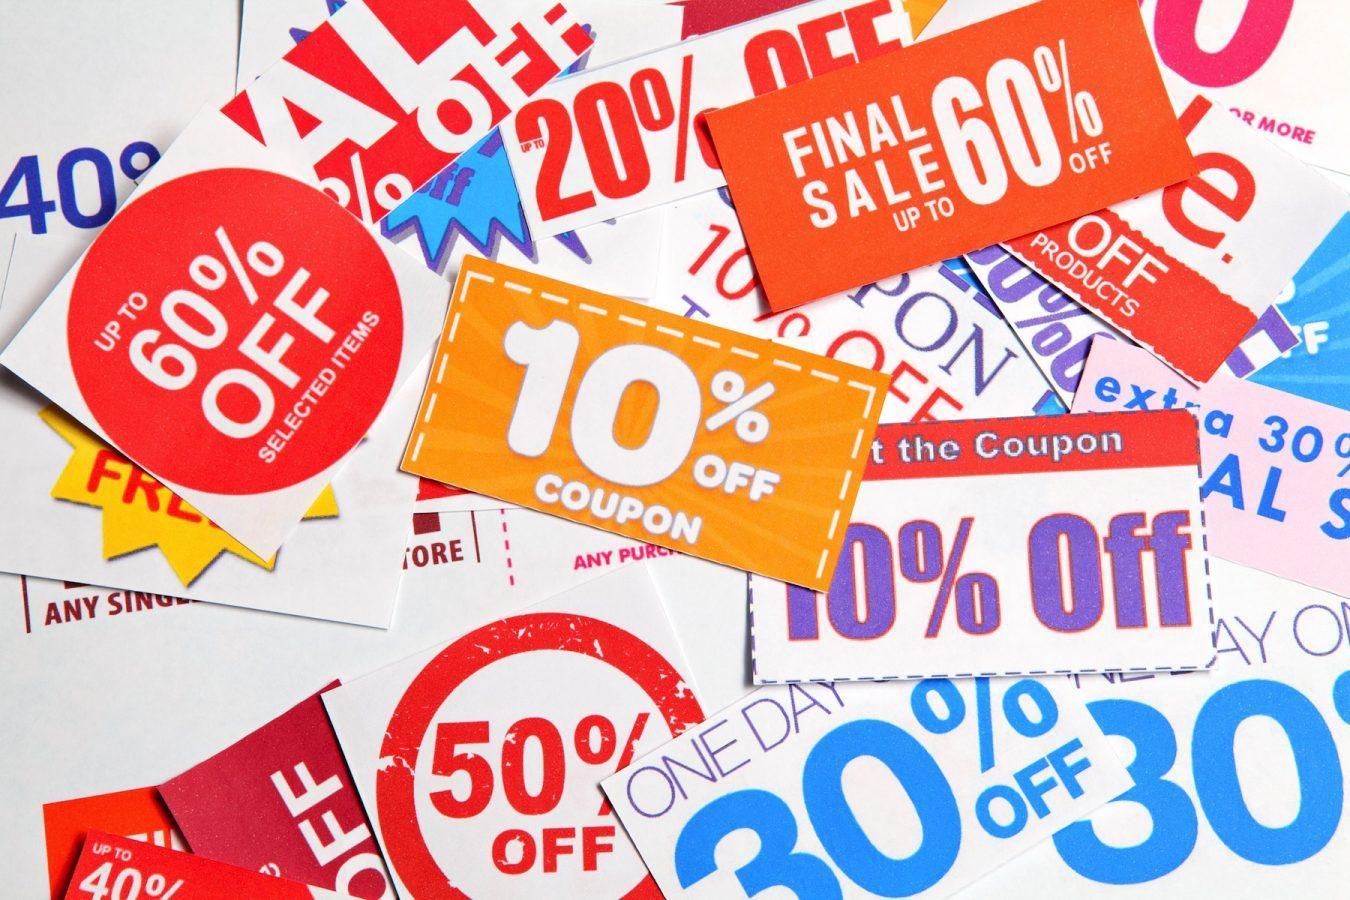 Pemasaran dengan Memberikan Kupon Belanja